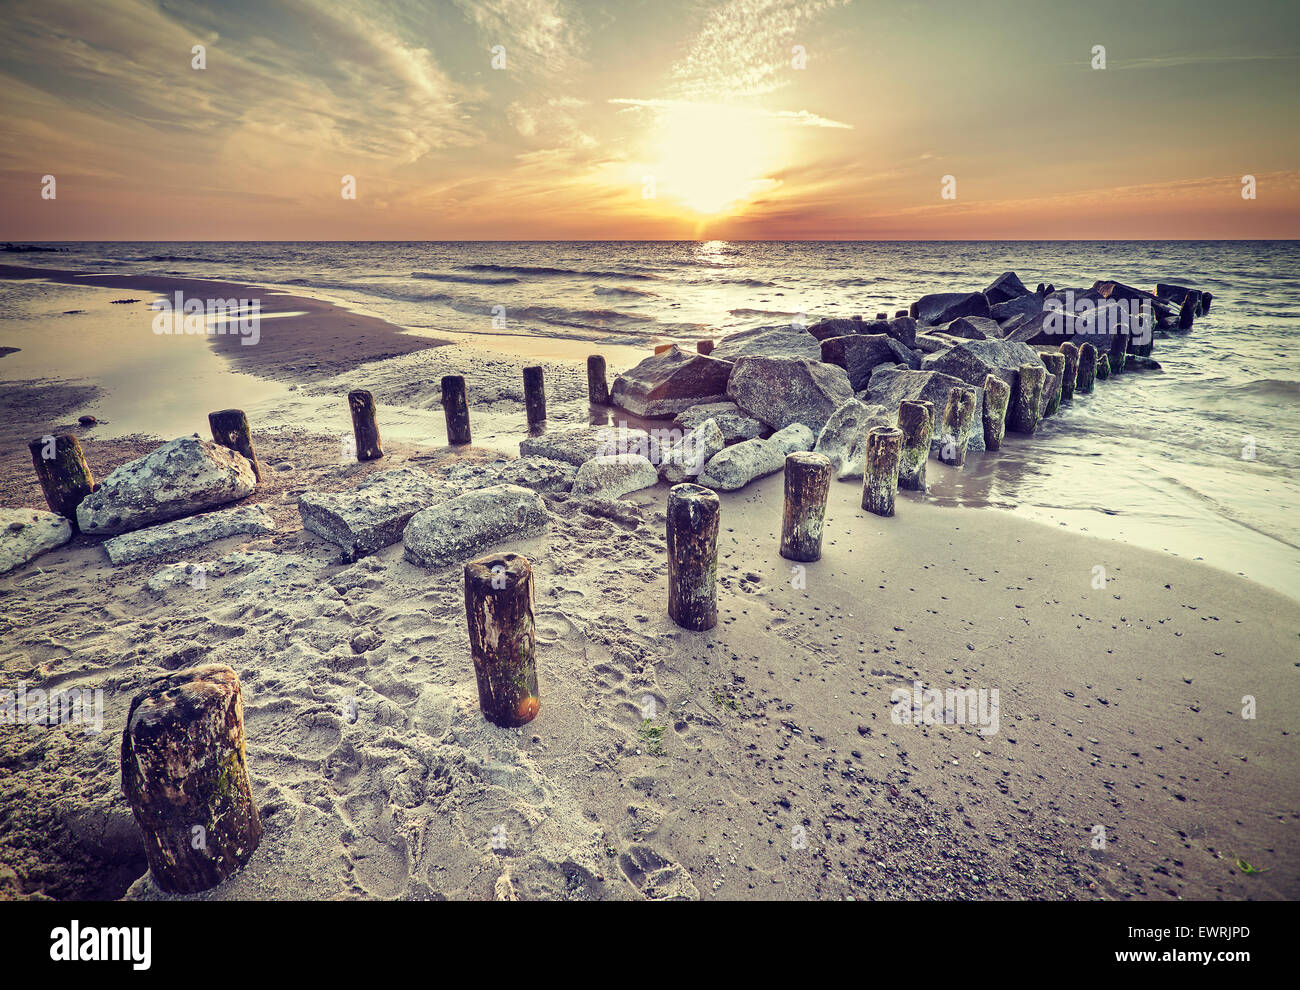 Retrò stile vintage bellissimo tramonto sul Mar Baltico, Miedzyzdroje in Polonia. Immagini Stock